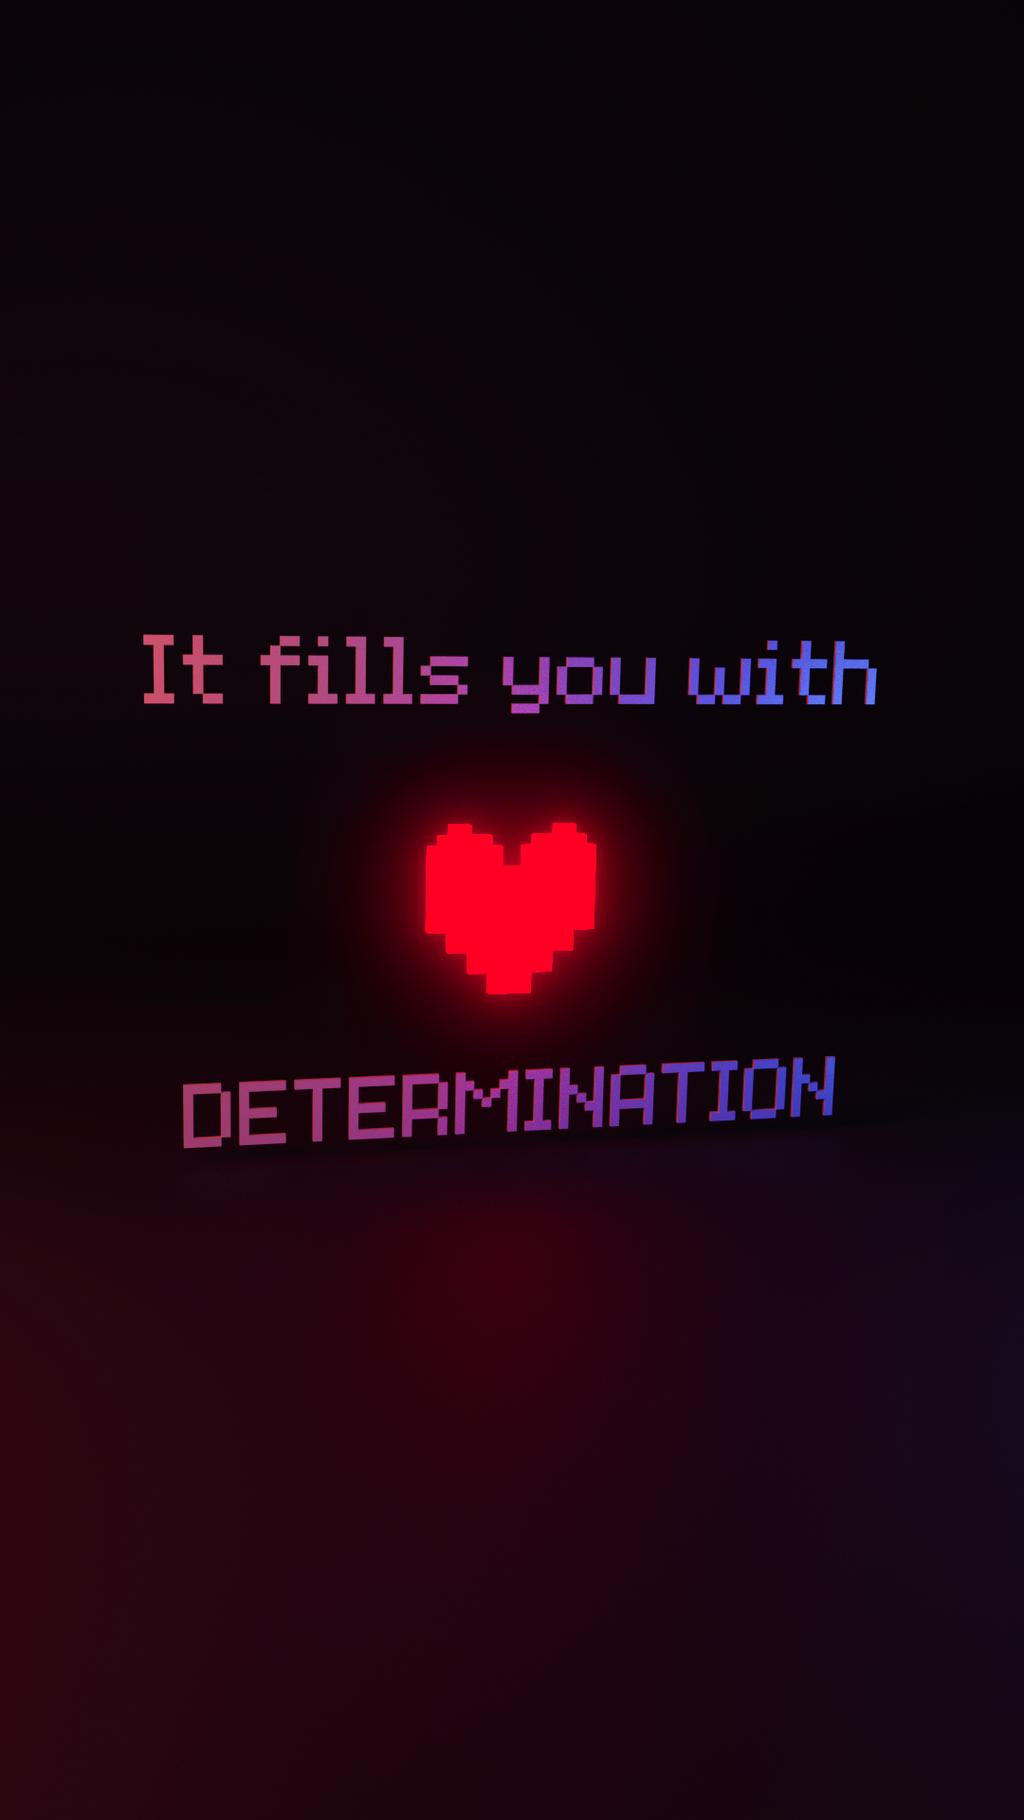 DETERMINATION by Ex-Kalibur on DeviantArt